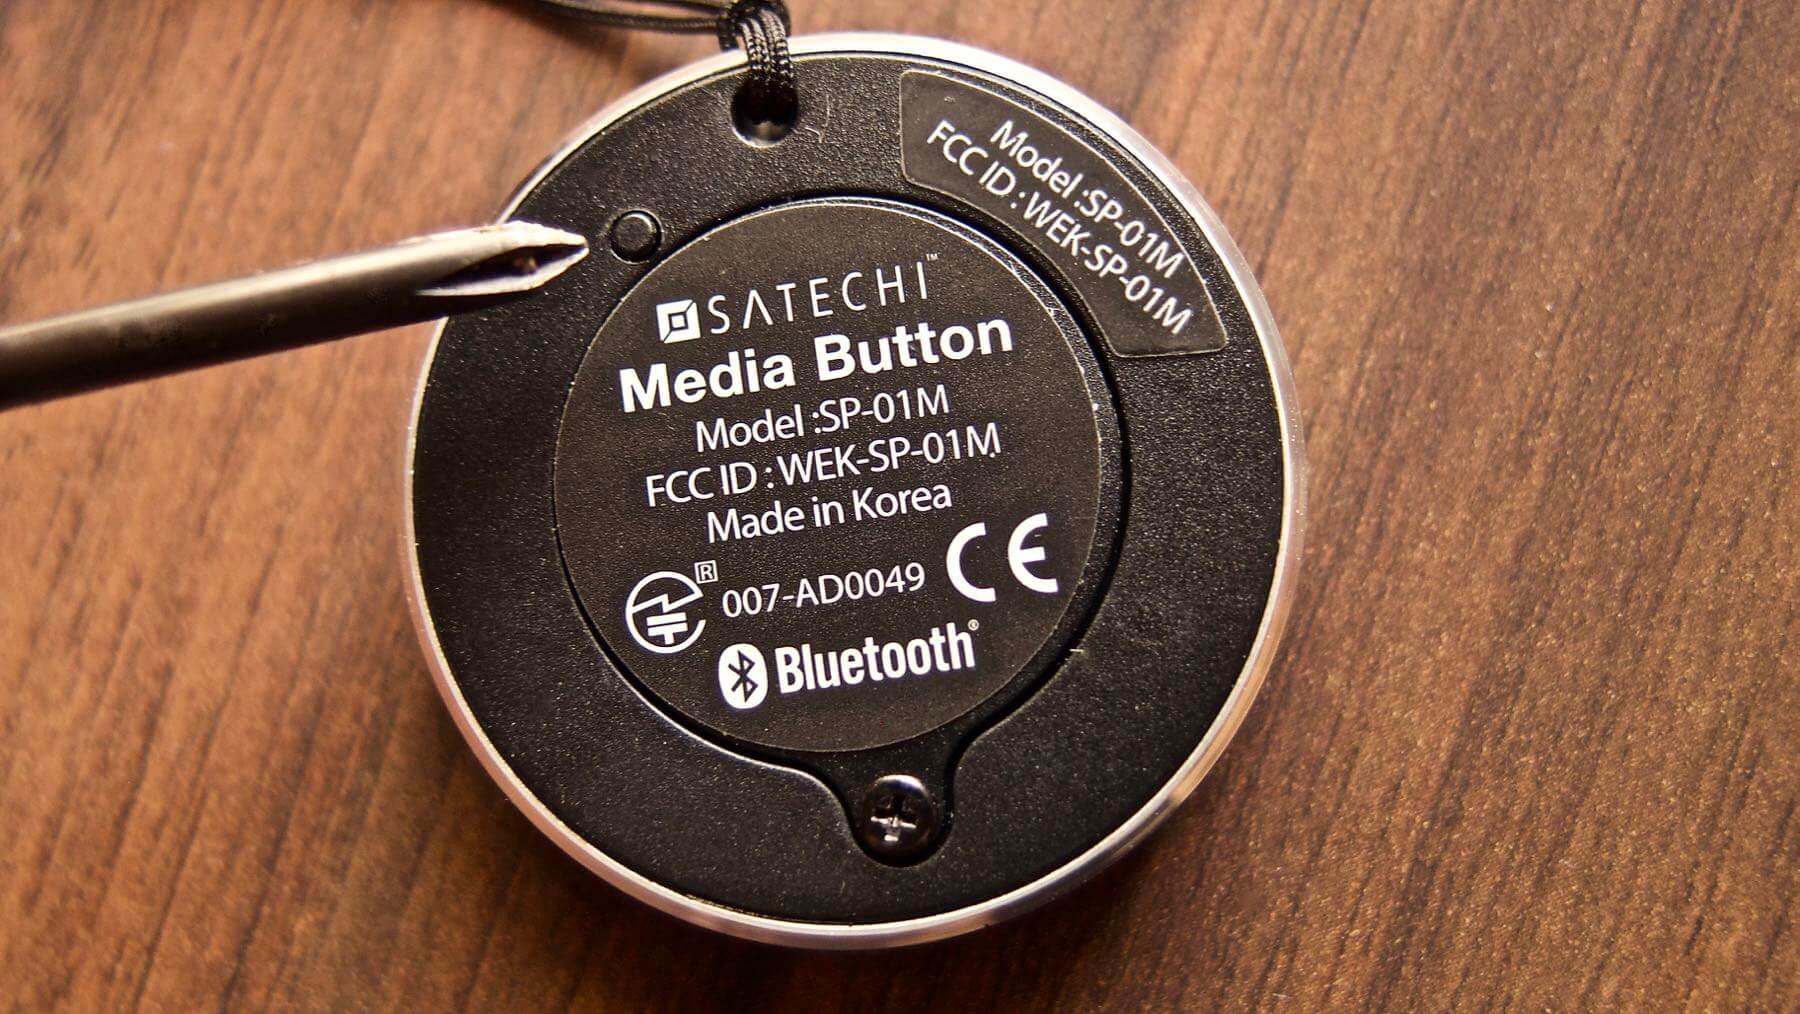 11 Satechi Media Button